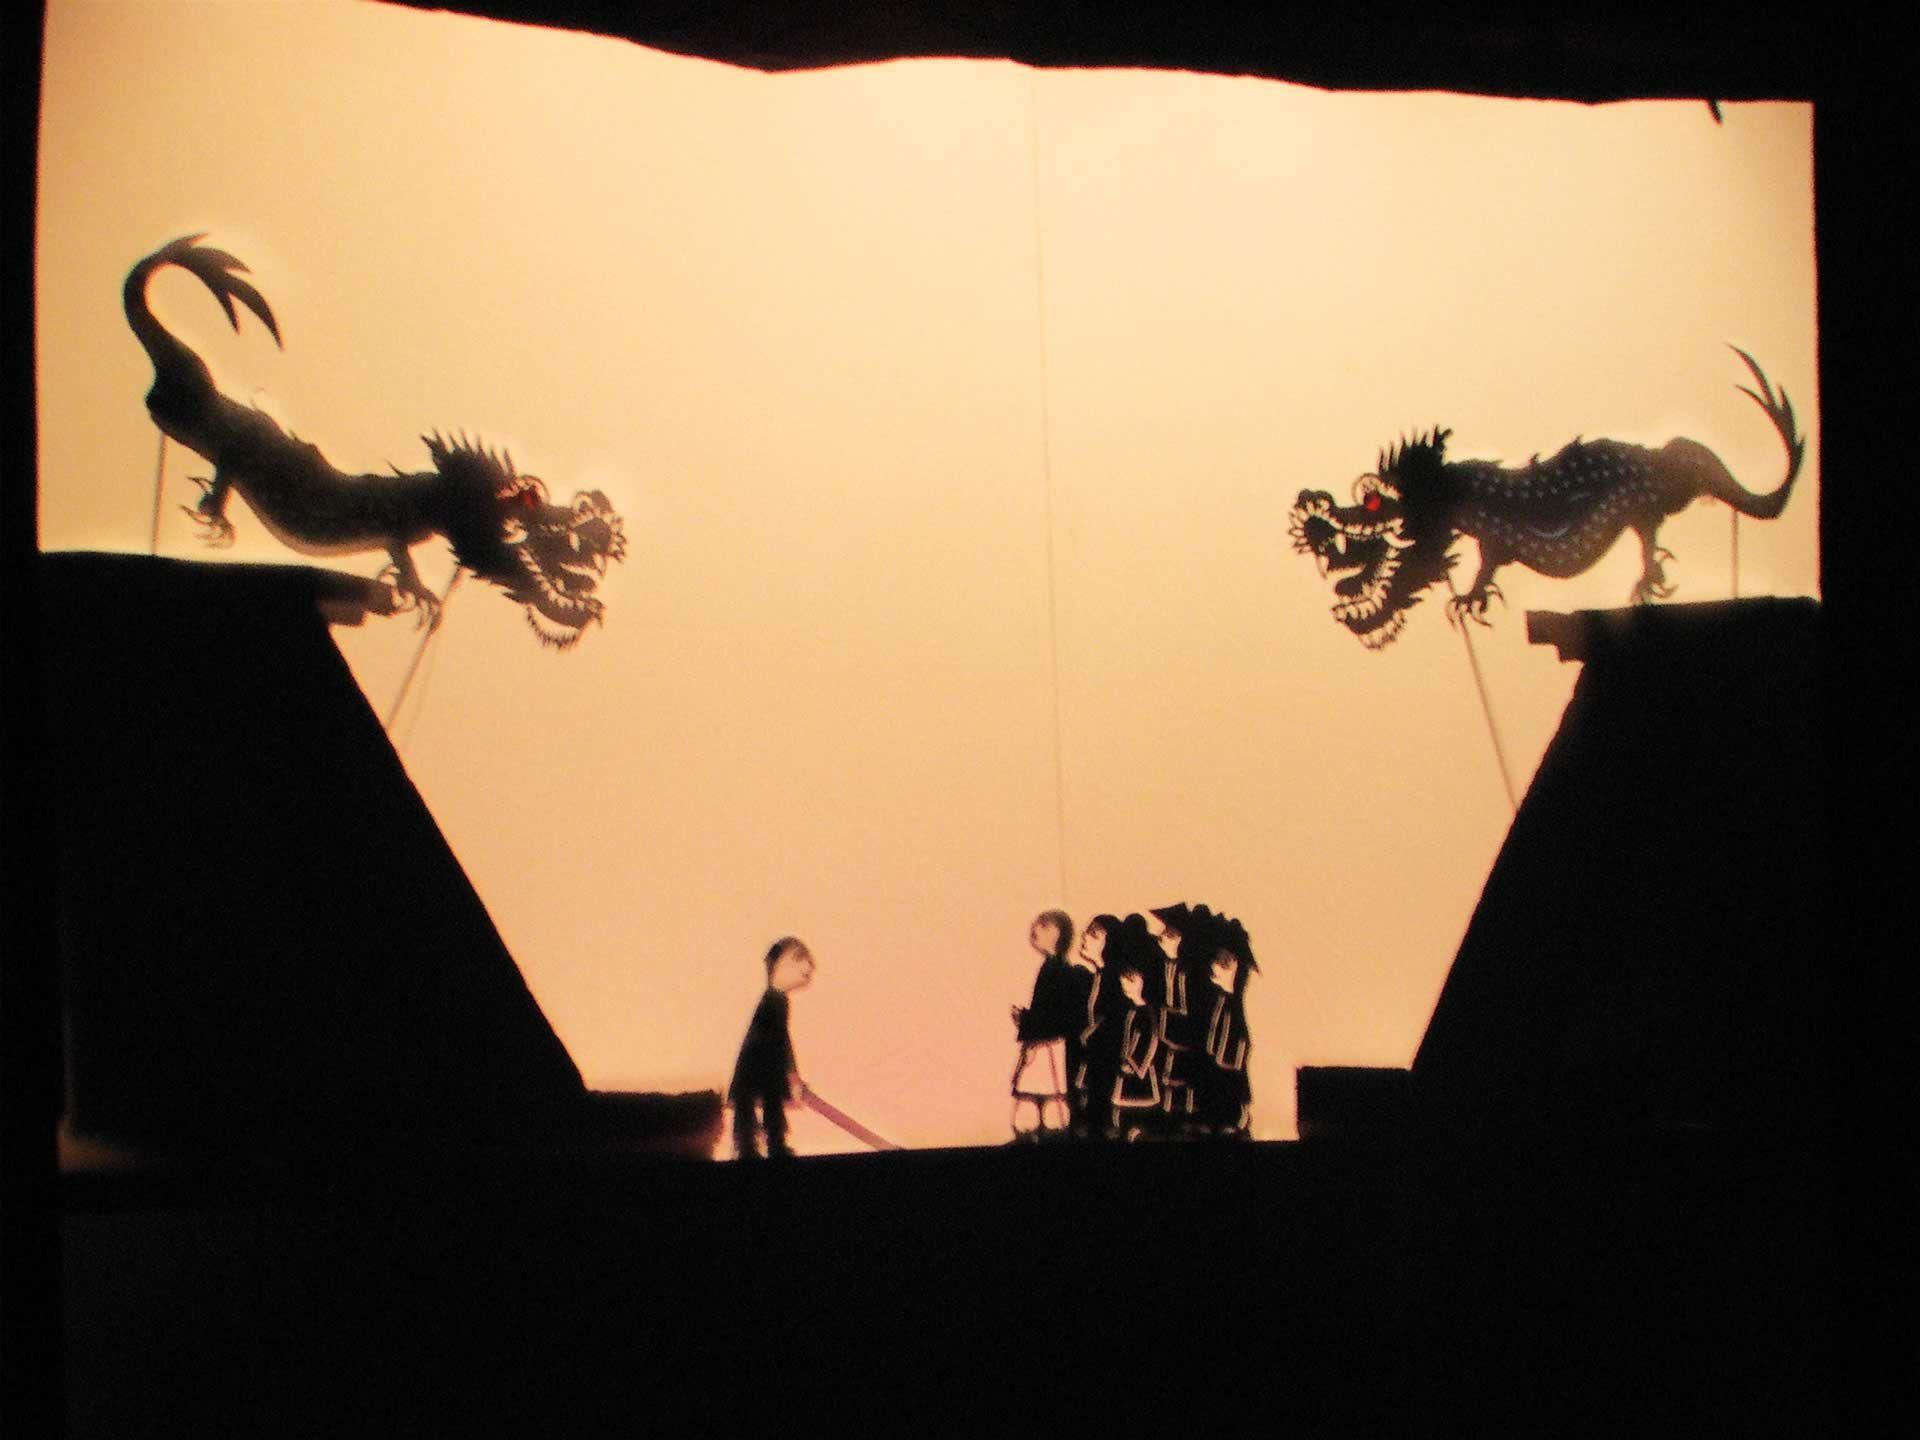 Shadow...puppeto....SHADOWS!